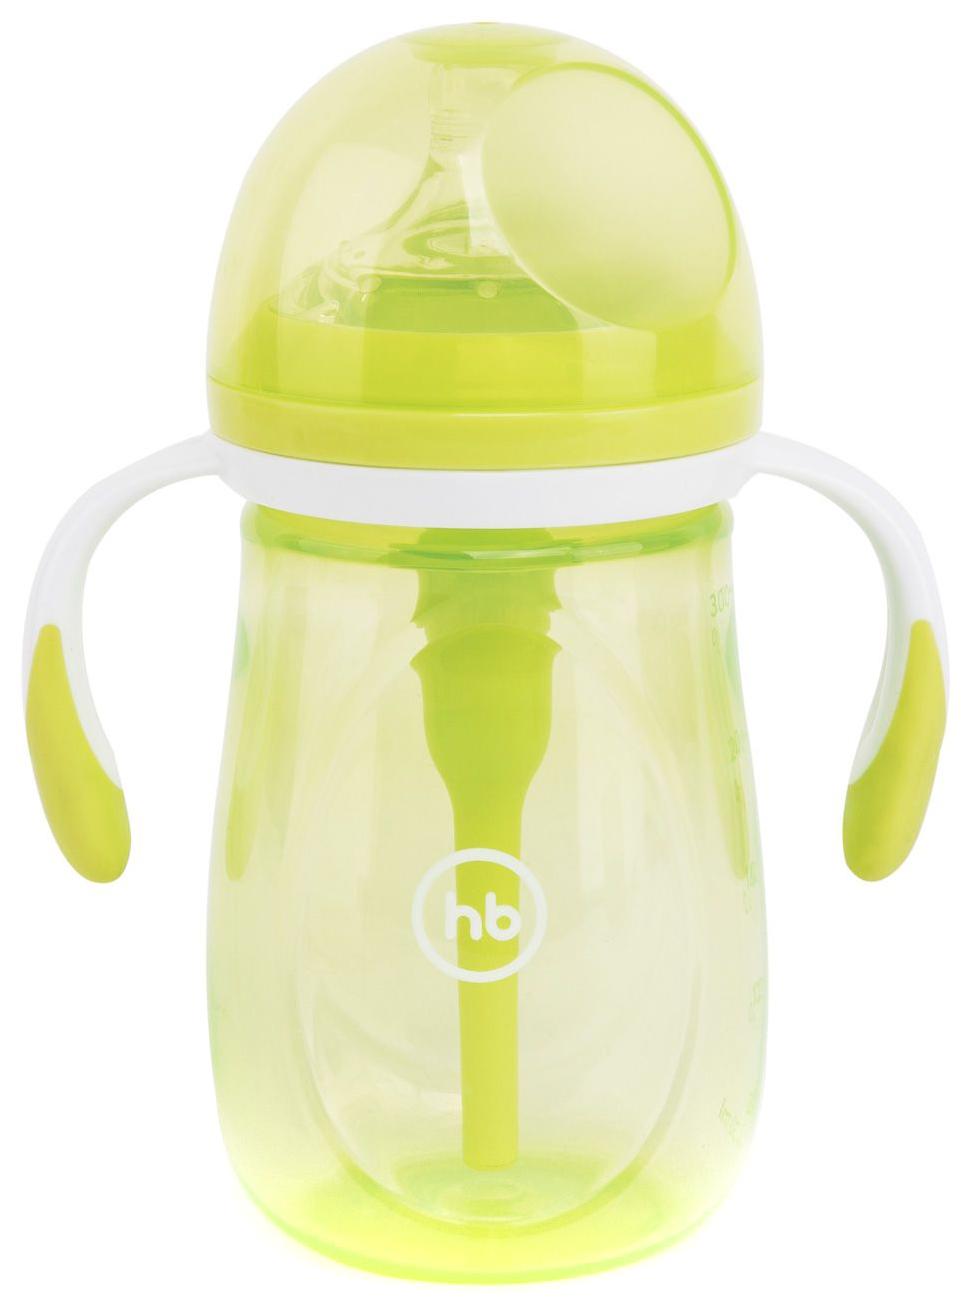 Купить Бутылочка антиколиковая Happy baby с ручками и силиконовой соской 300 мл Lime, Бутылочки для кормления